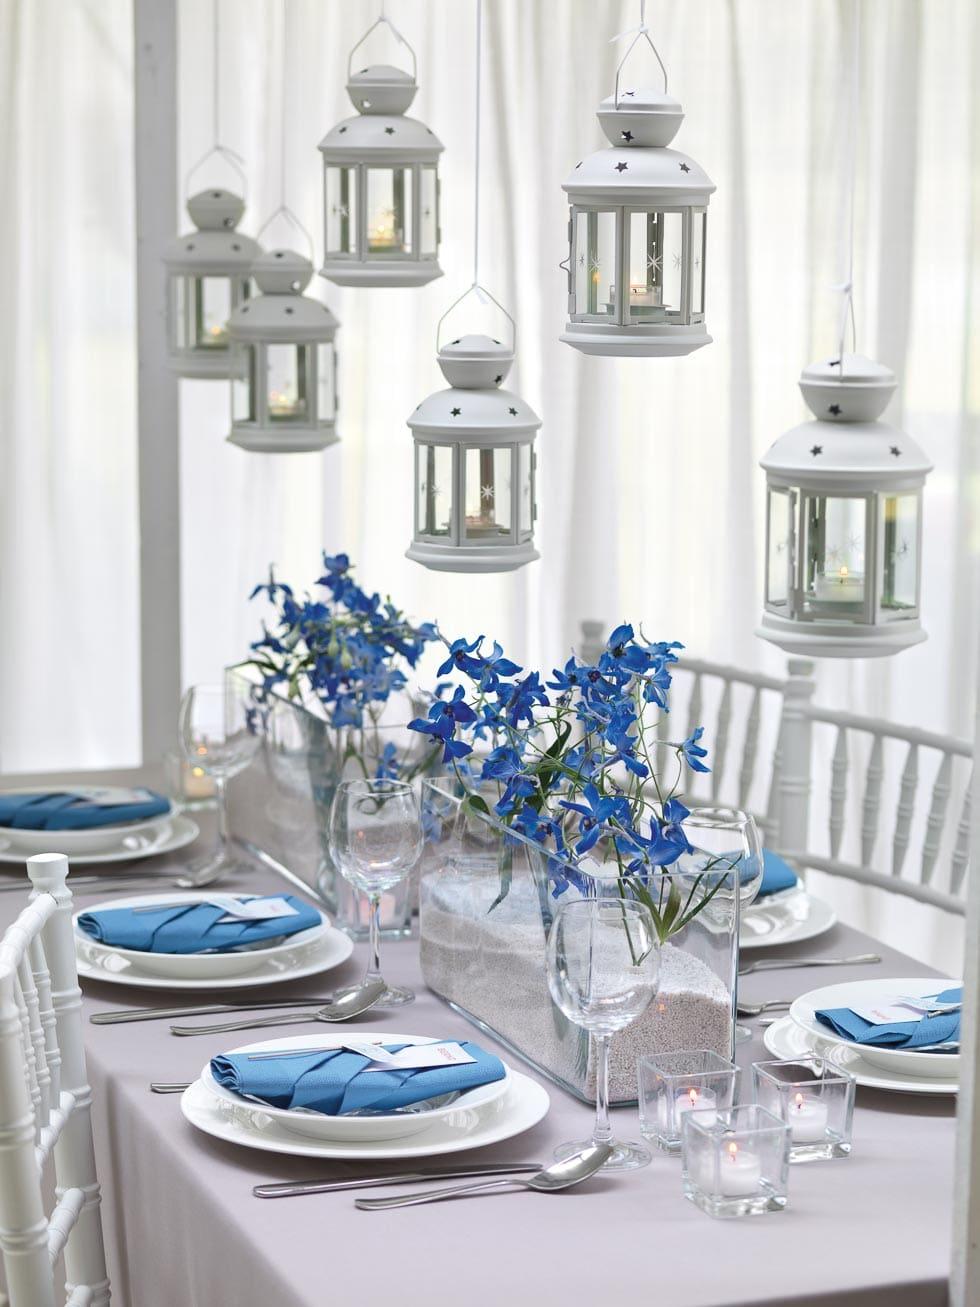 Tischdekoration Blau und Weiß